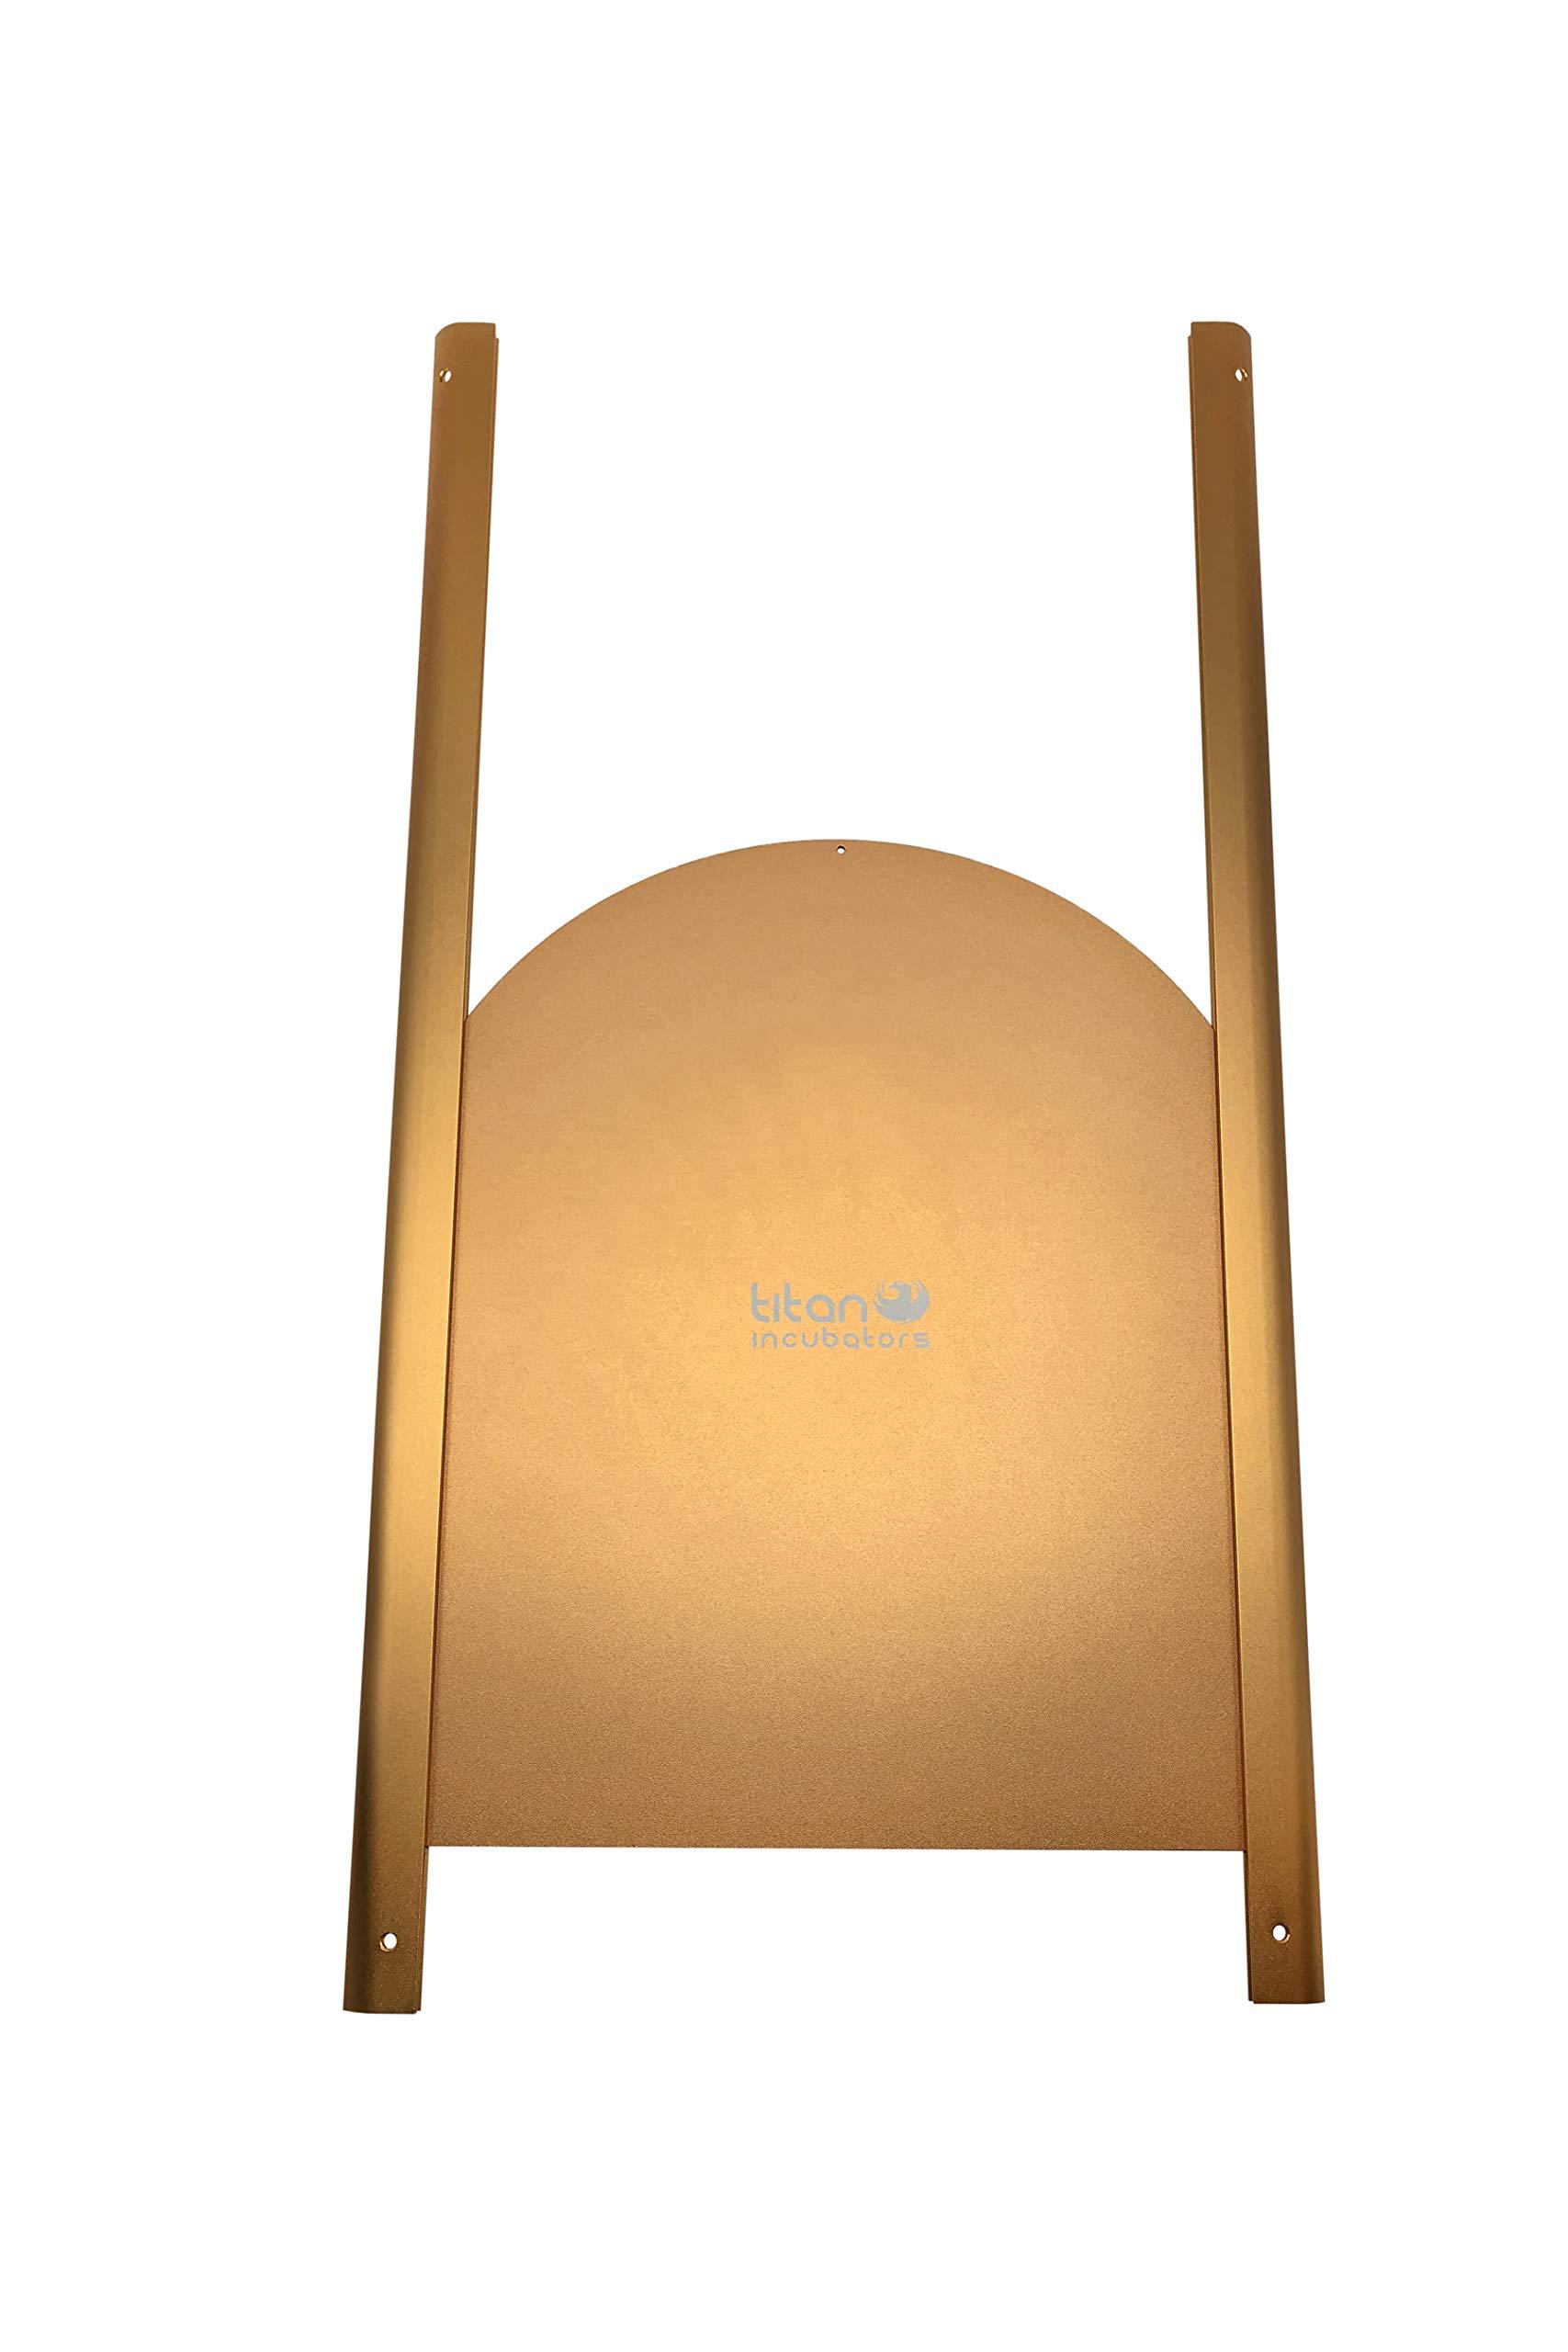 Titan Incubators Elite Puerta metálica corredera para gallinero: Amazon.es: Jardín